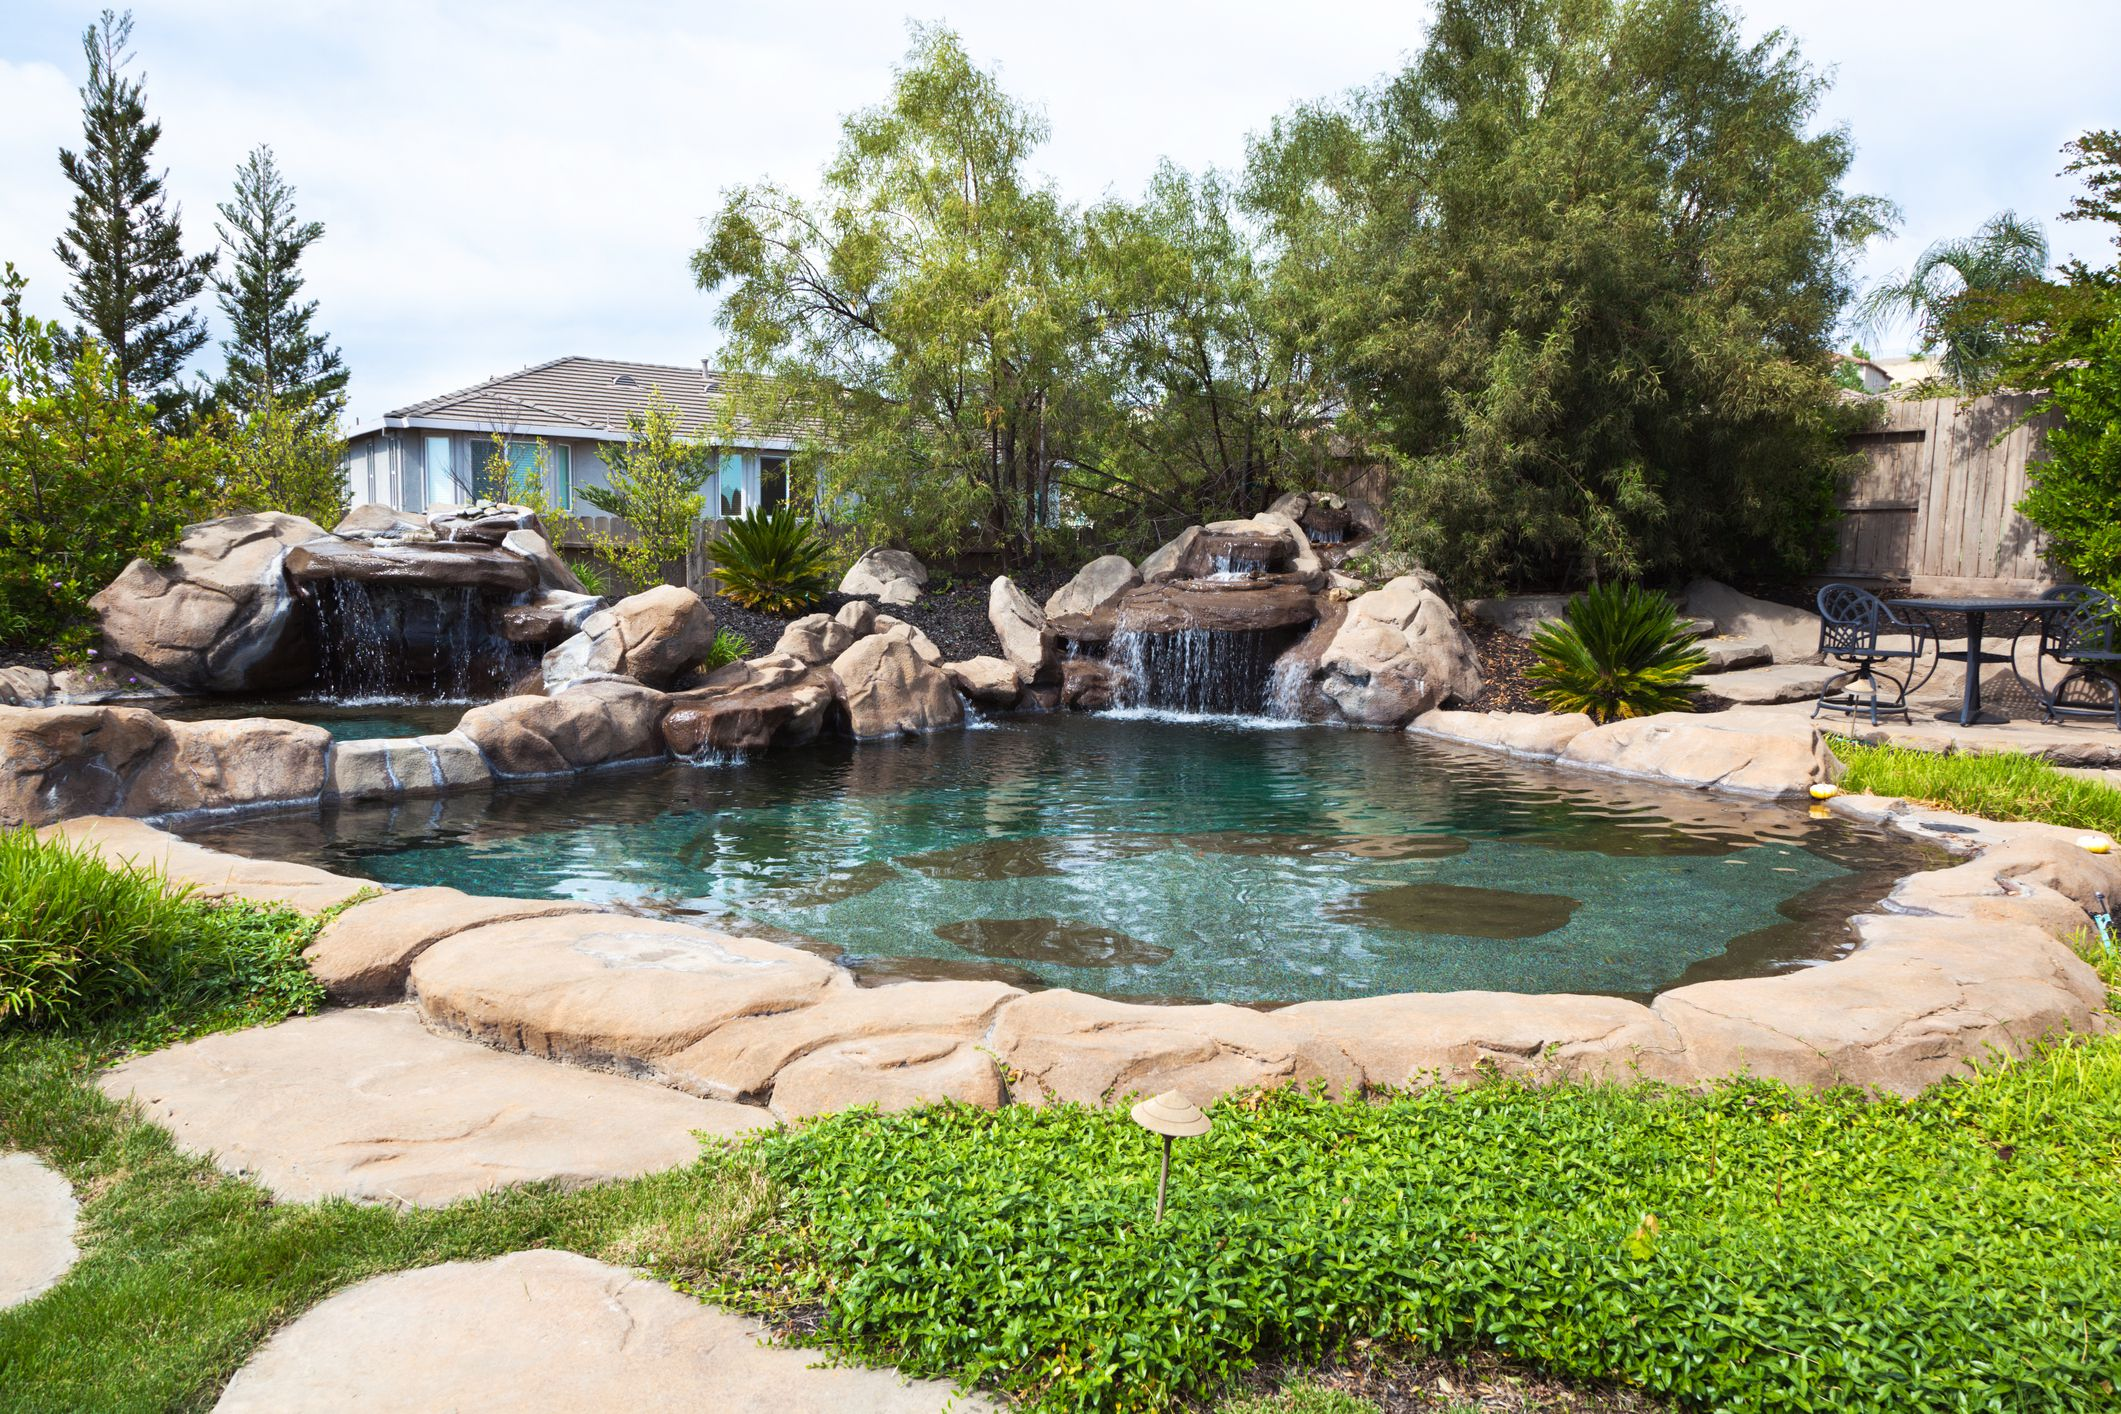 Una piscina natural rodeada de piedra y una cascada de rocas